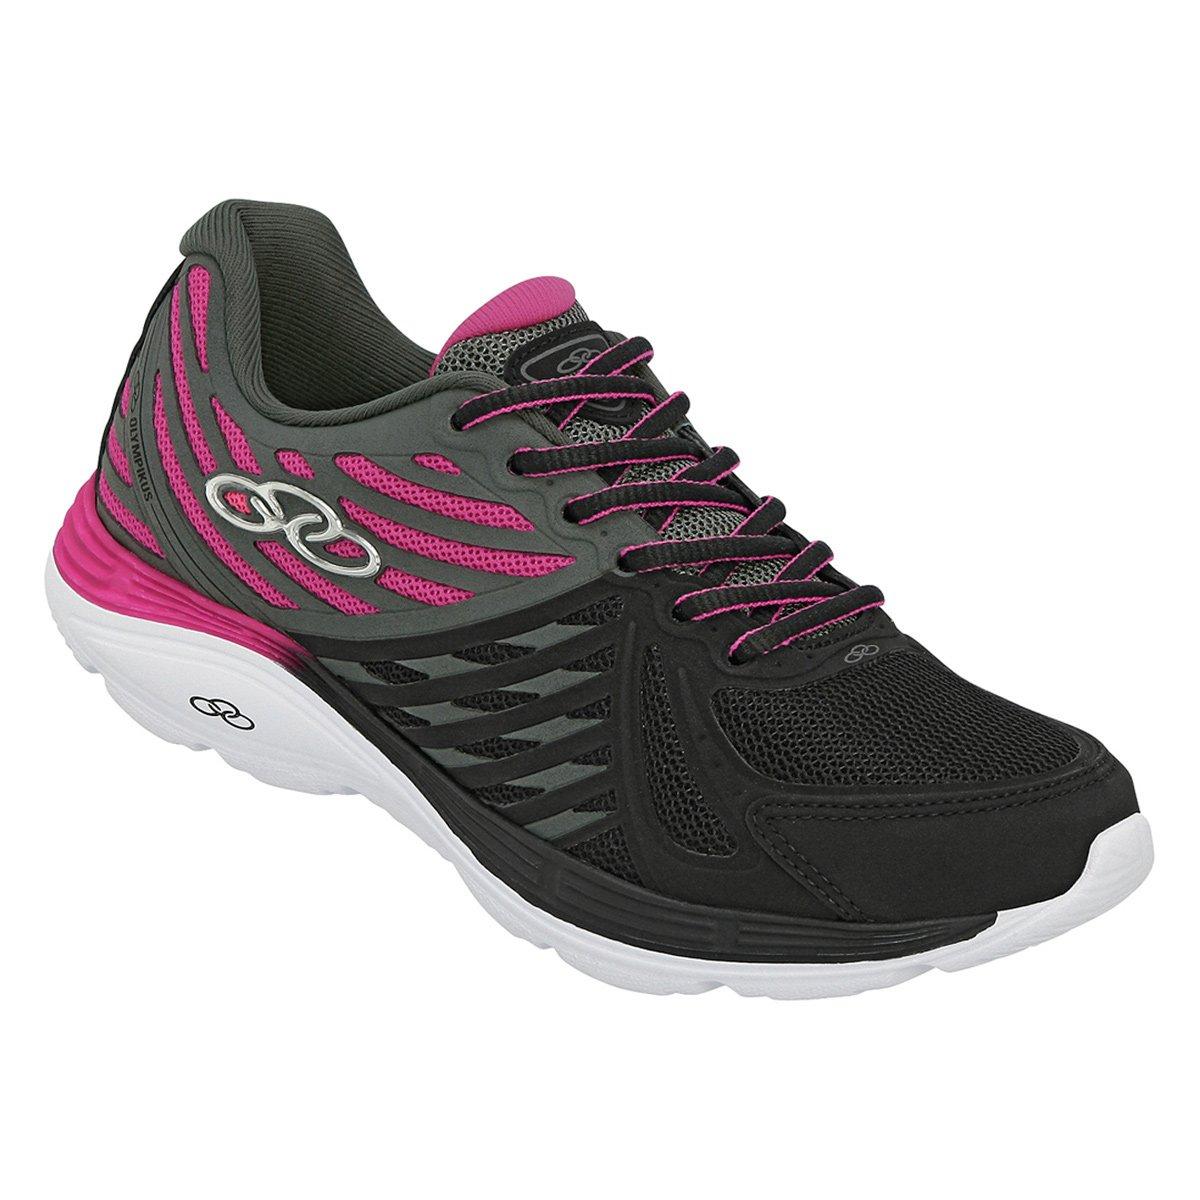 902c1407061 Tênis Olympikus Flix 2 Feminino - Preto e Pink - Compre Agora